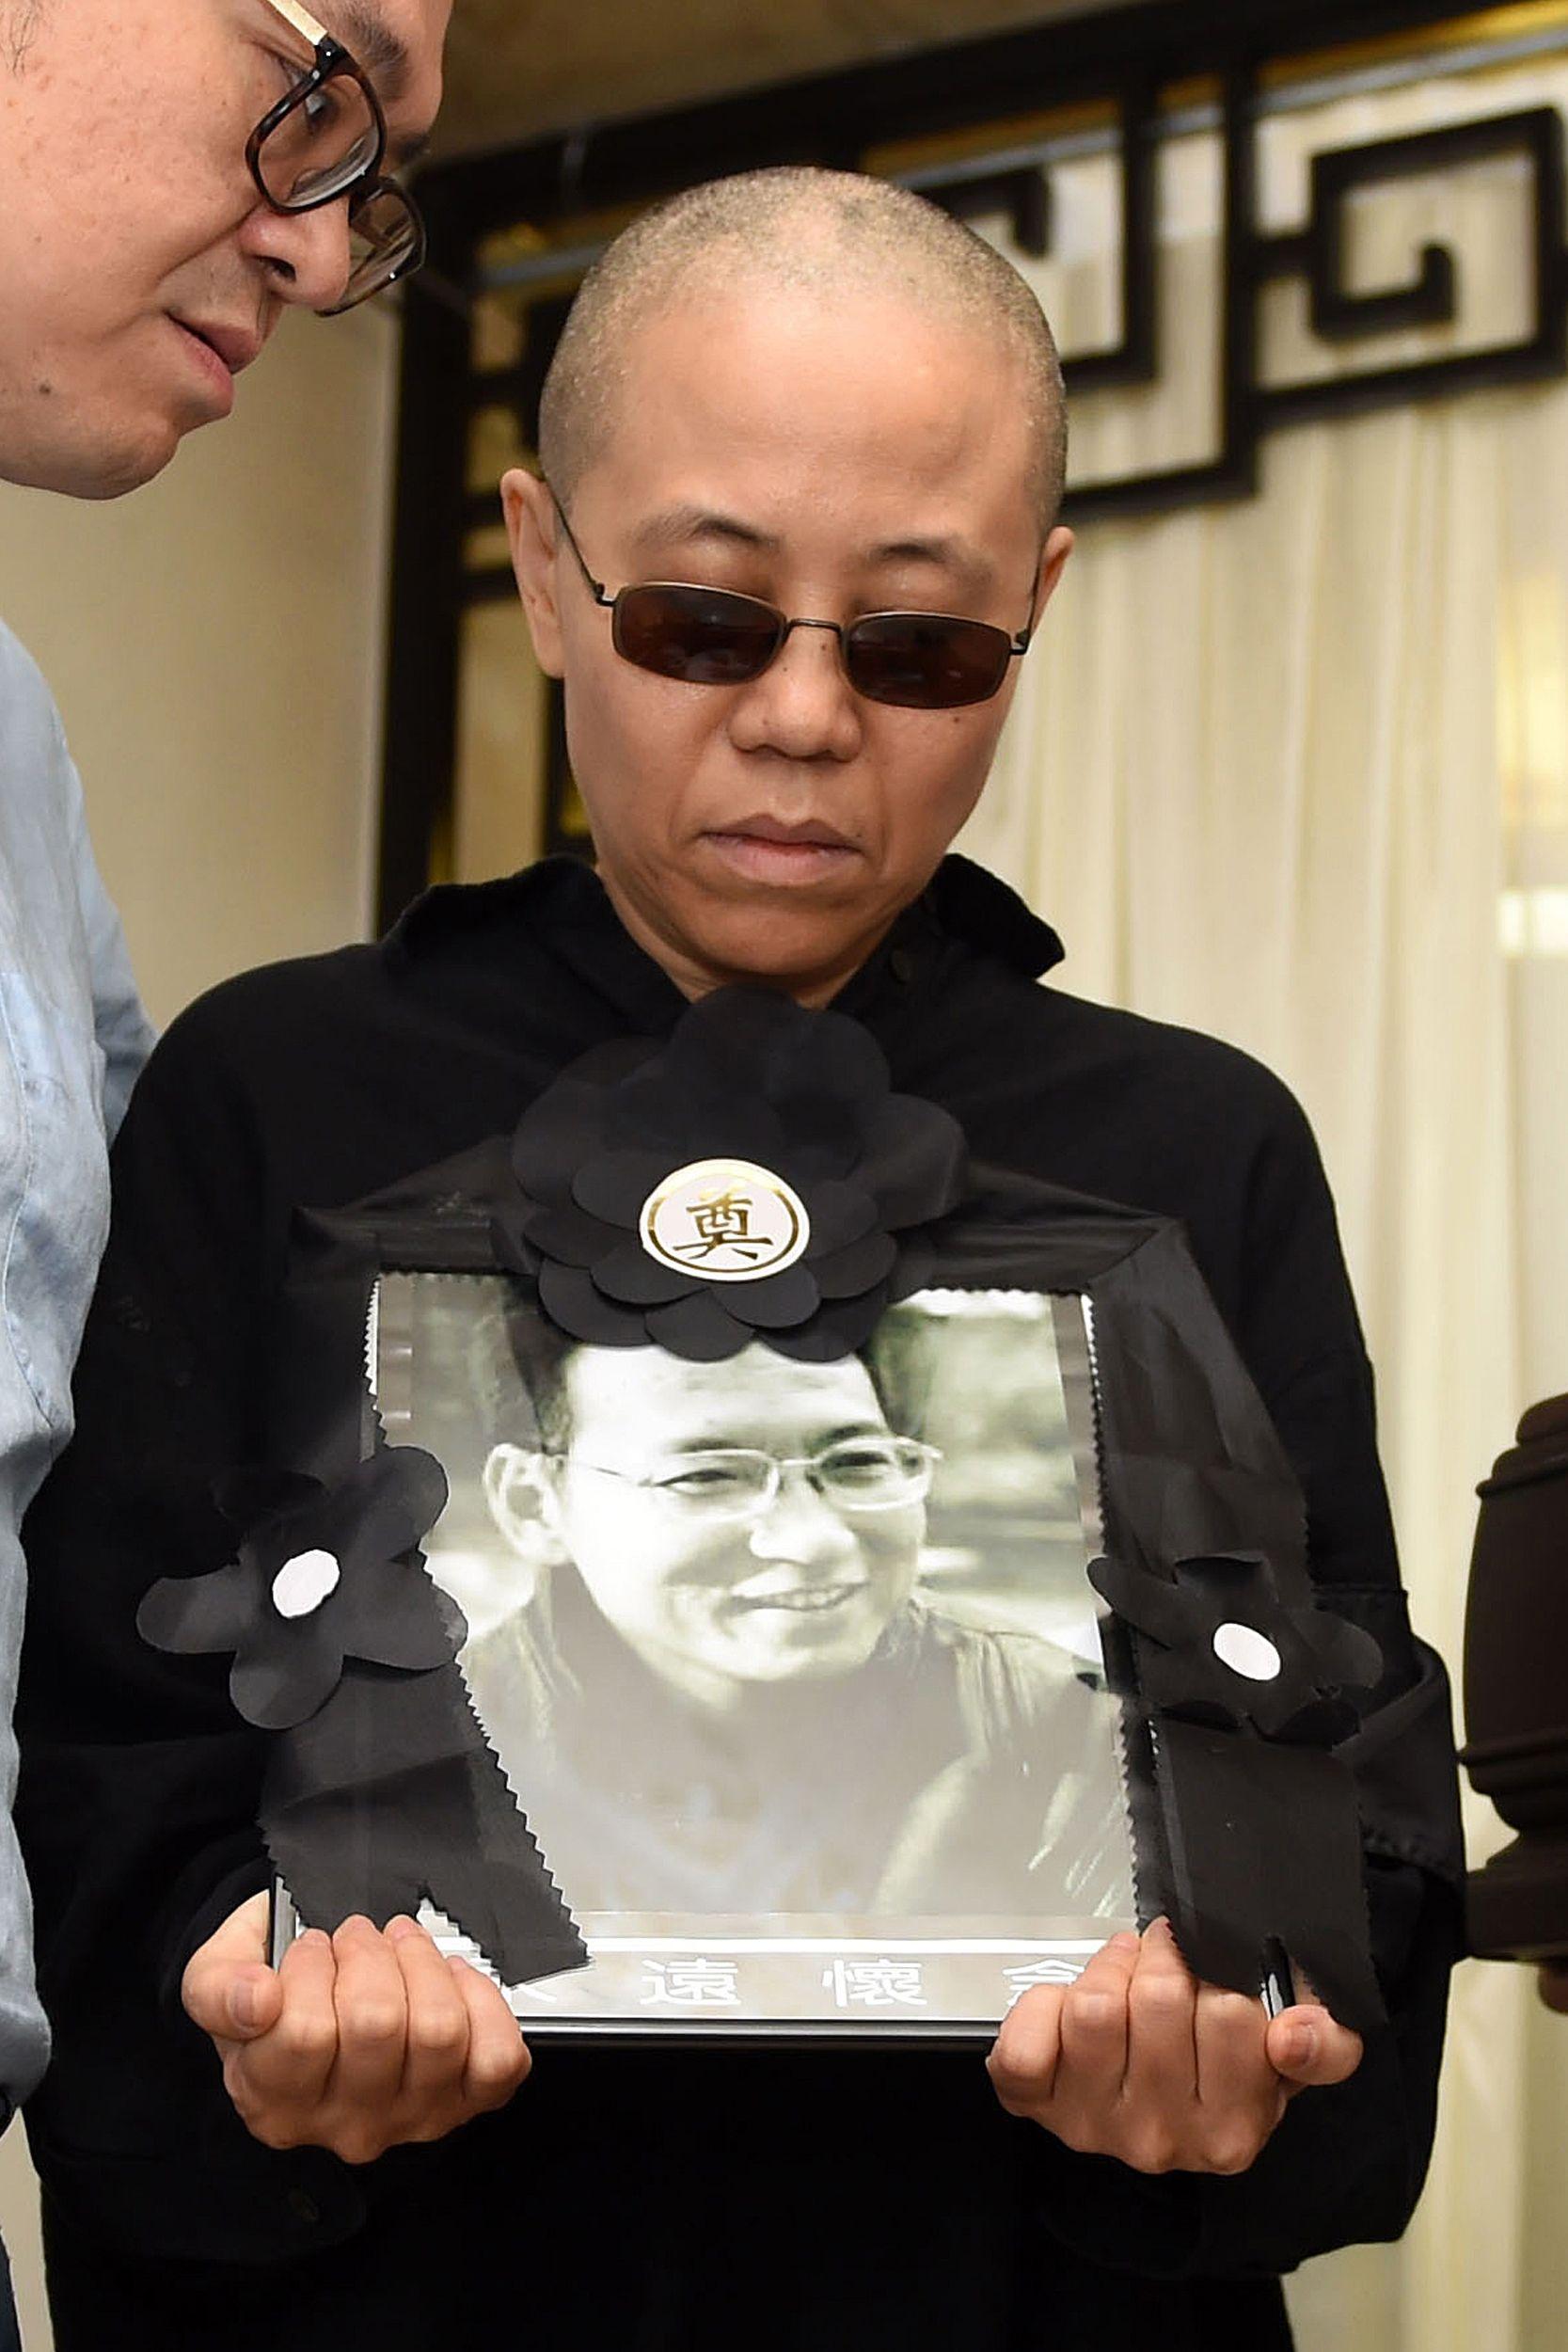 2017年7月15日劉曉波在瀋陽舉行喪禮,劉霞捧著丈夫的照片和骨灰。(Getty Images)